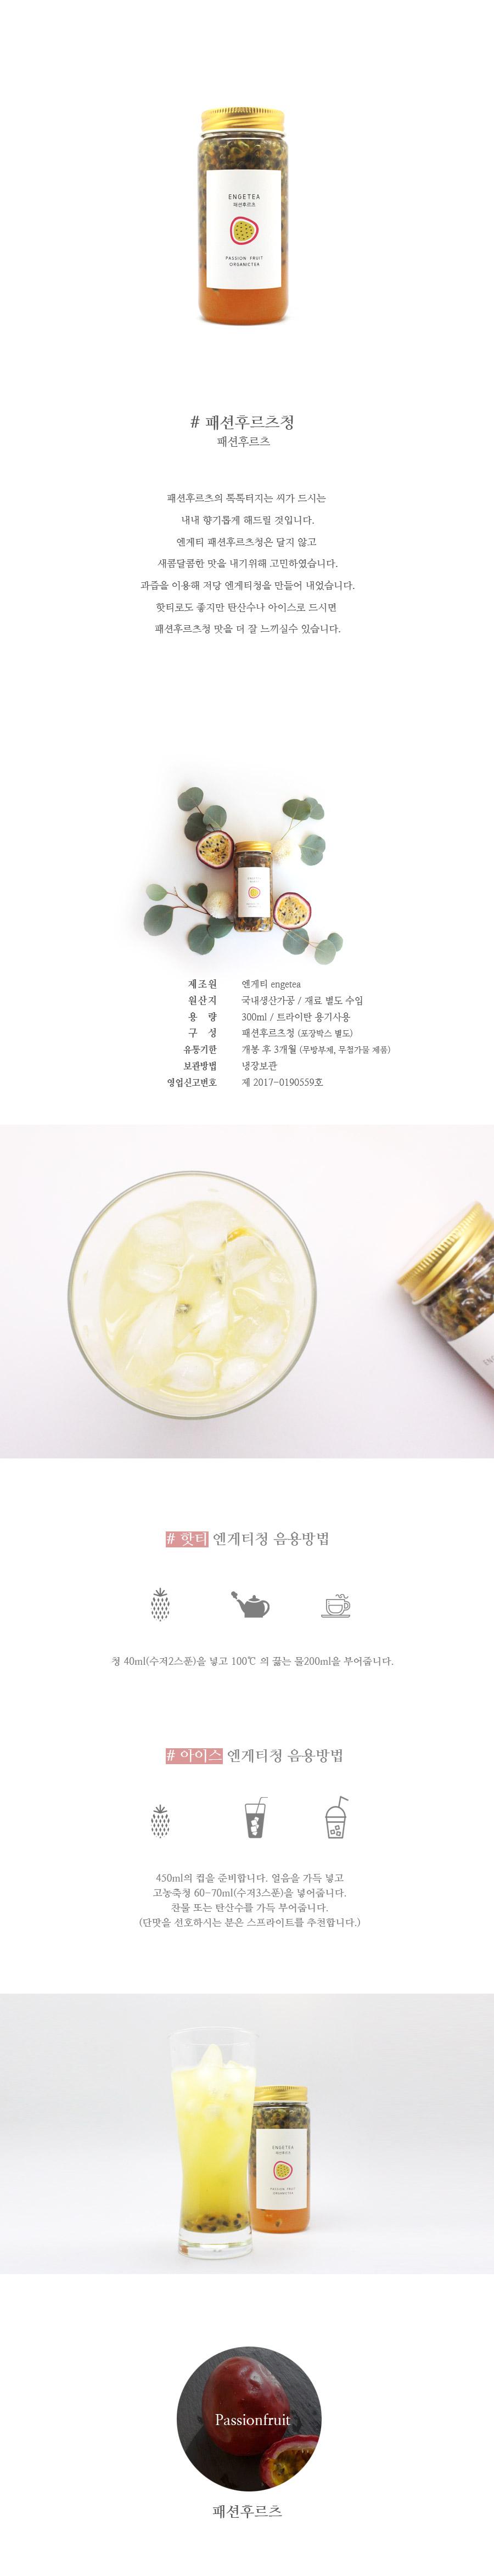 선물세트 장미패션후르츠청 x 패션후루츠청 수제청 - 엔게티, 26,600원, 쨈/버터, 과일잼